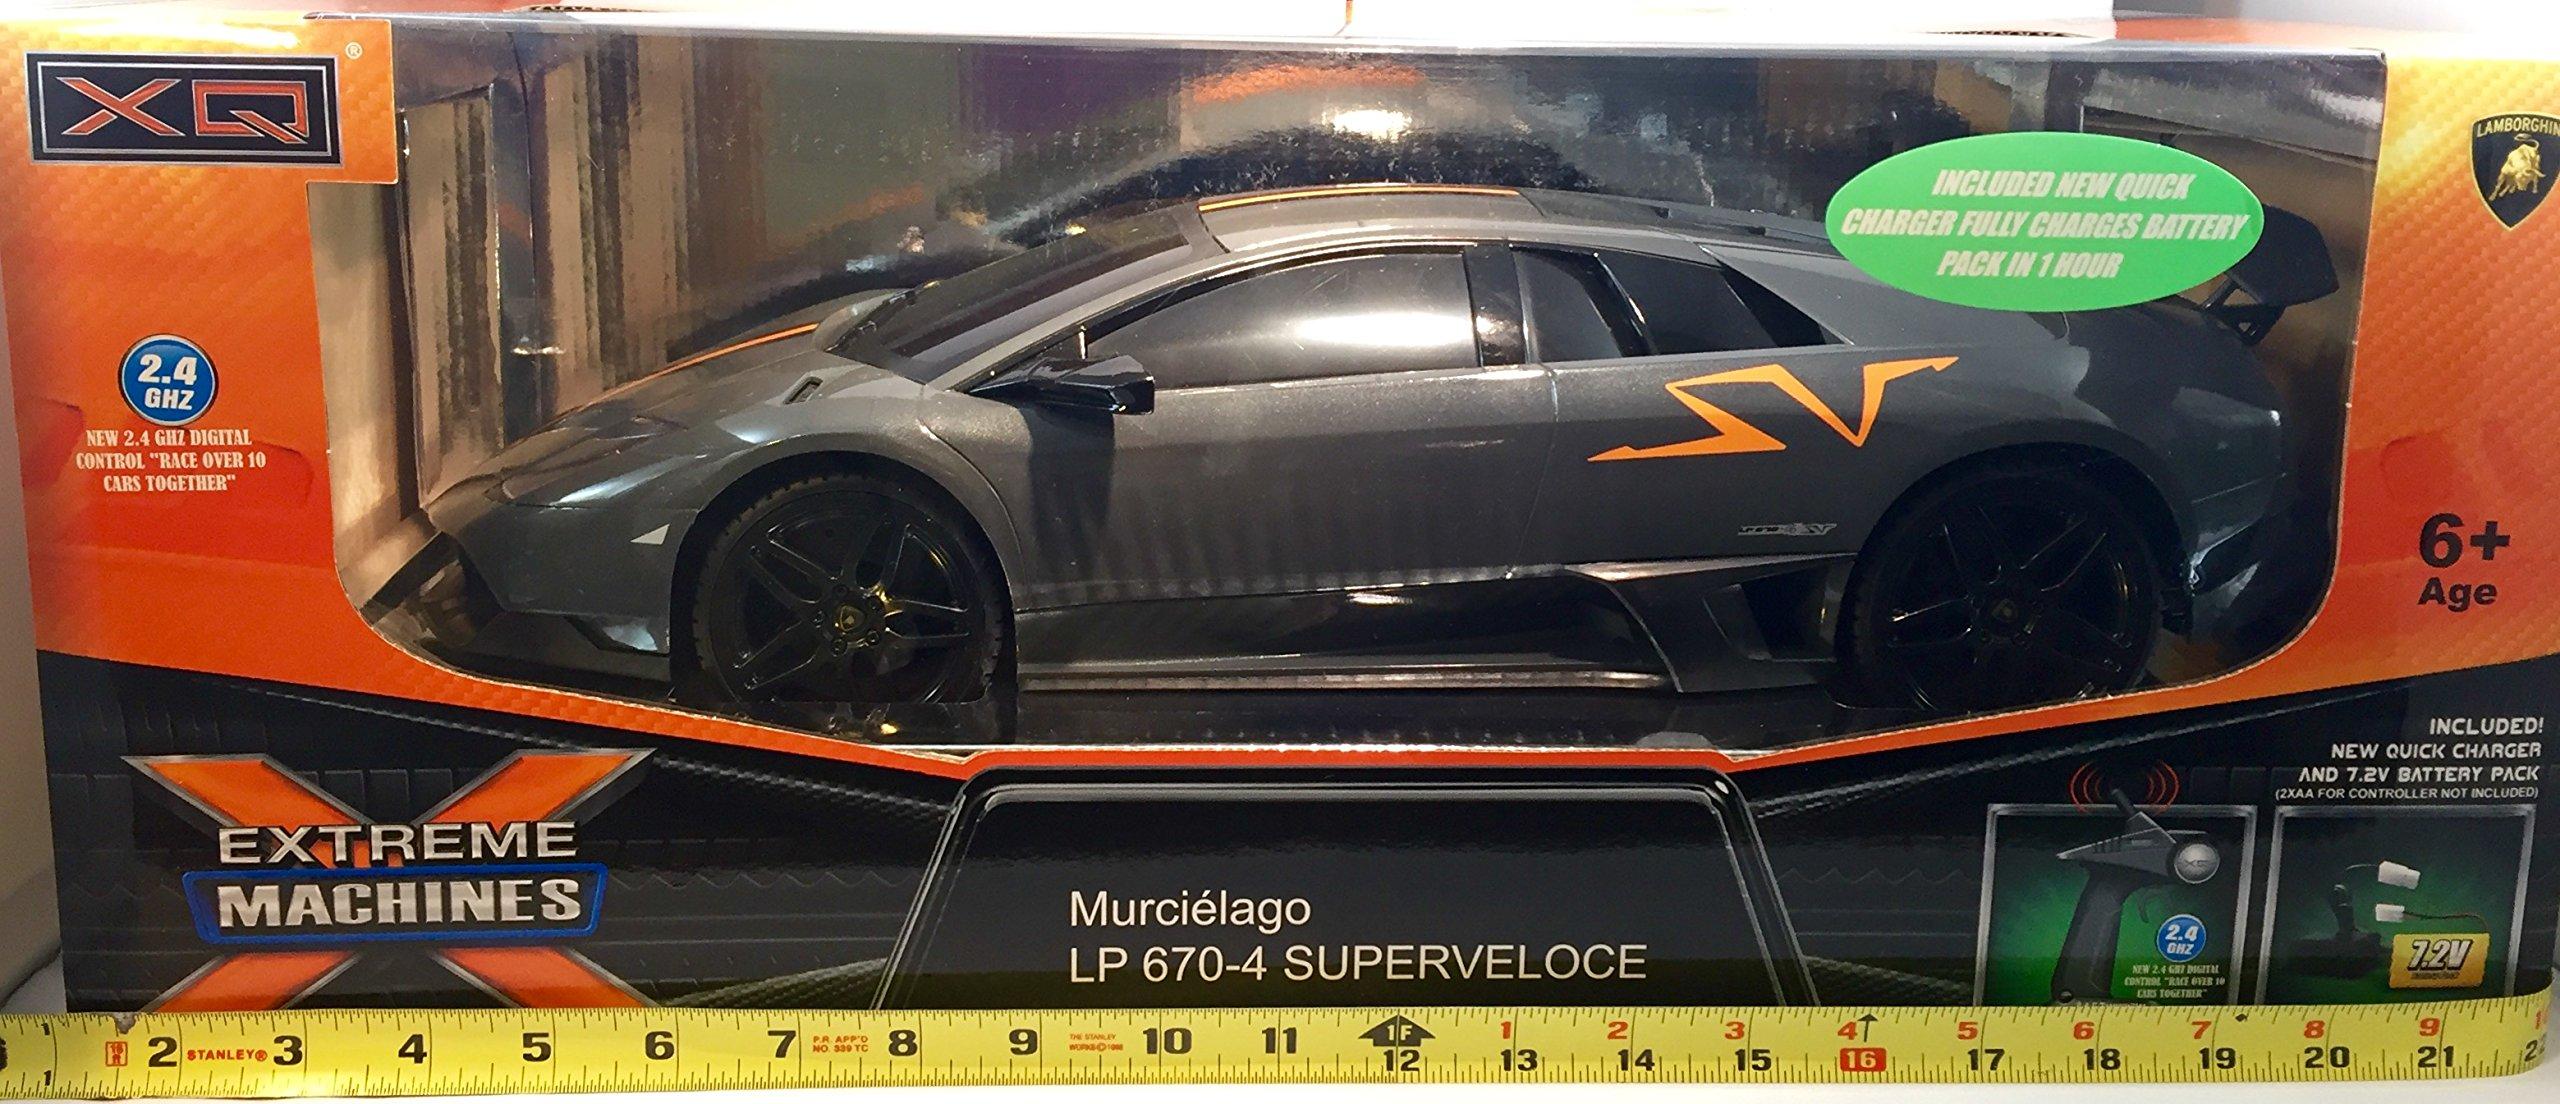 Buy Lamborghini Murcielago Lp 670 4 Superveloce 1 10 Scale Remote